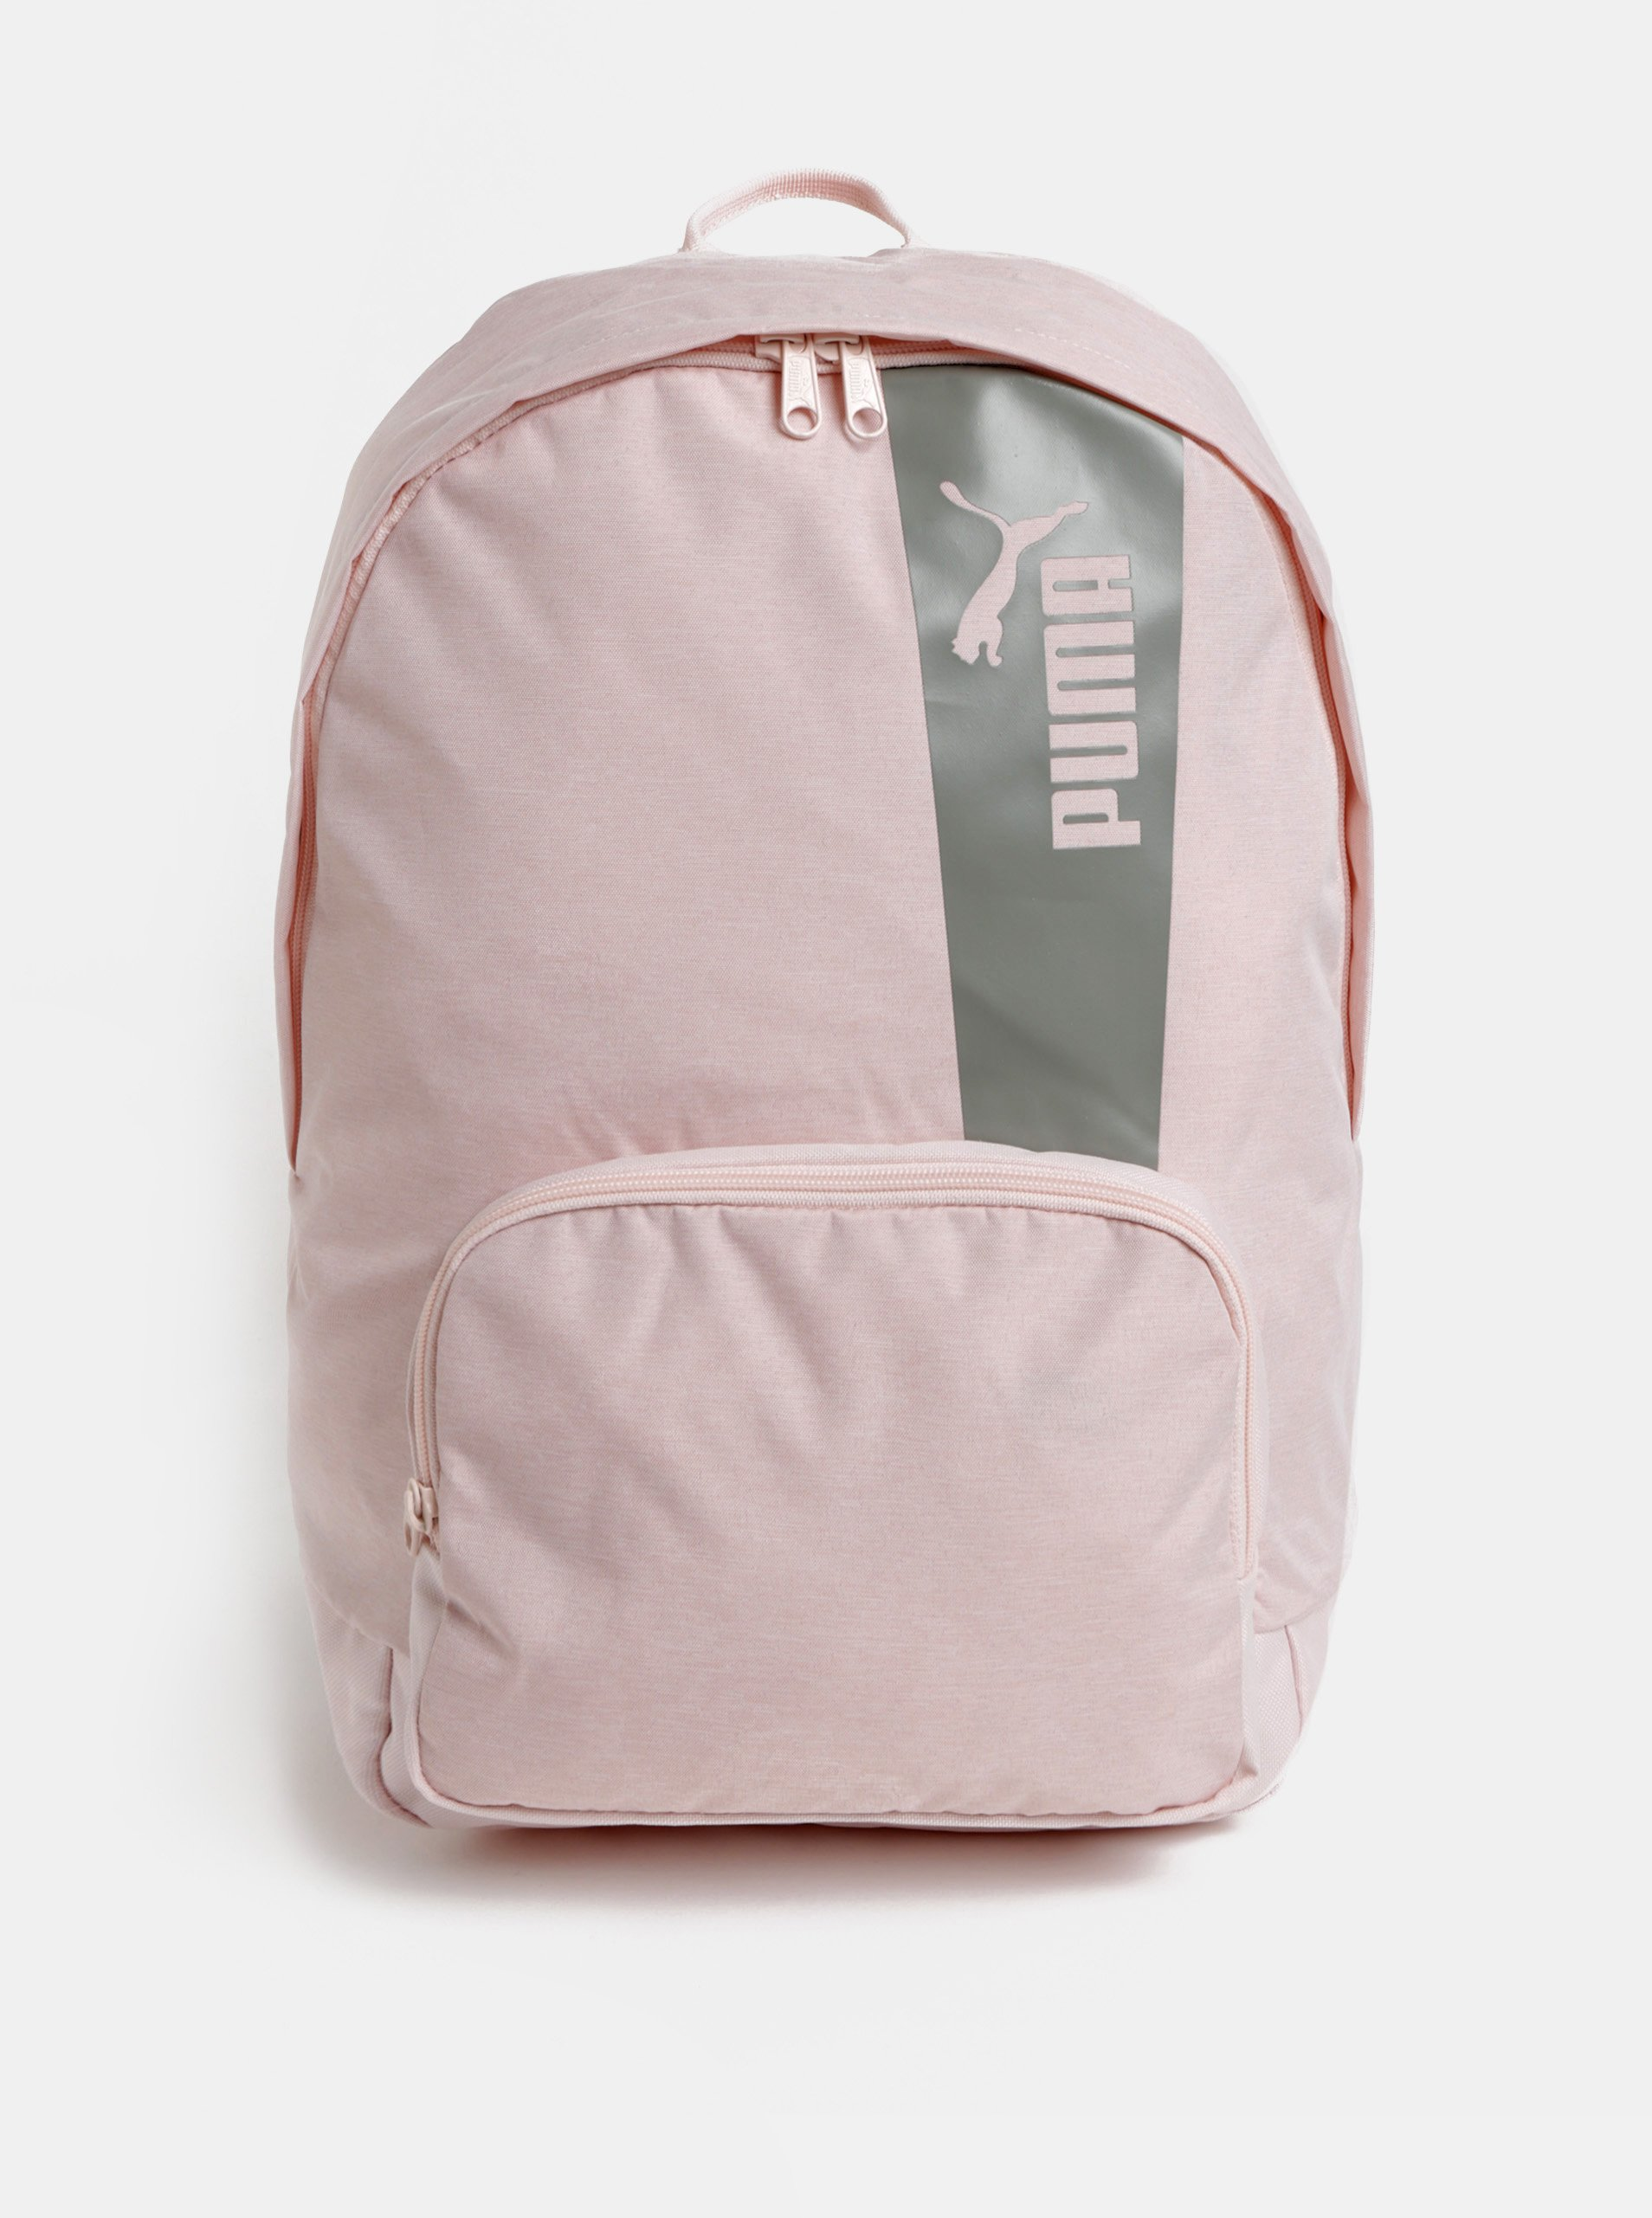 1e3cb60903 Světle růžový batoh s potiskem Puma 21 l